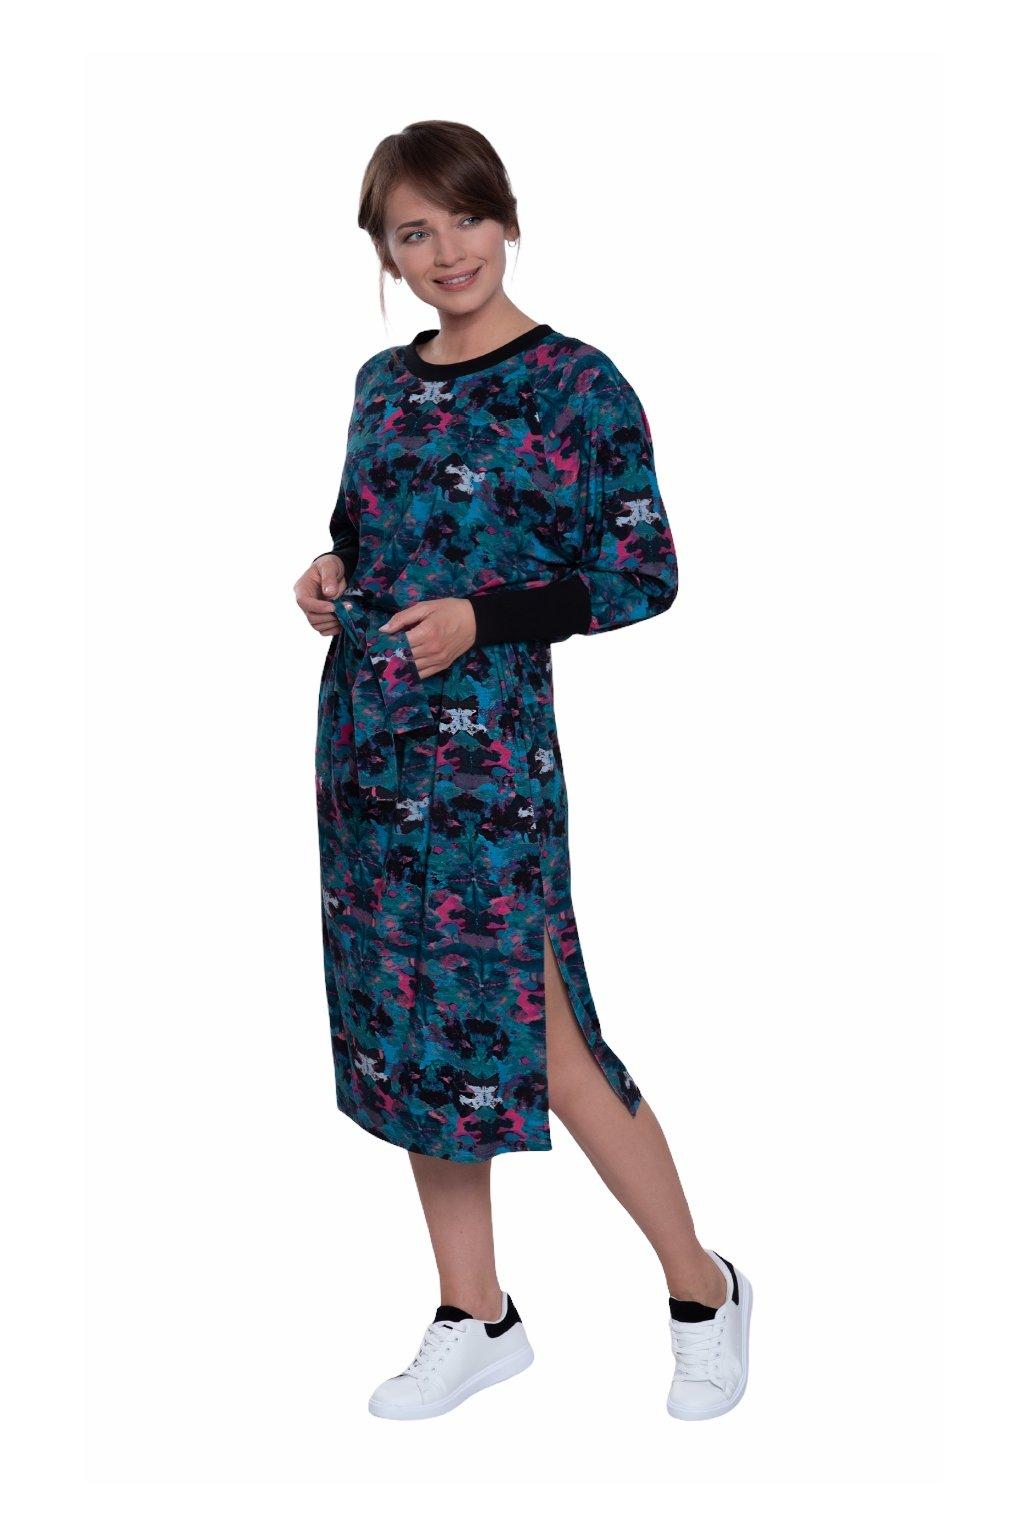 Dámské šaty s dlouhým rukávem, 105143 496, modrá